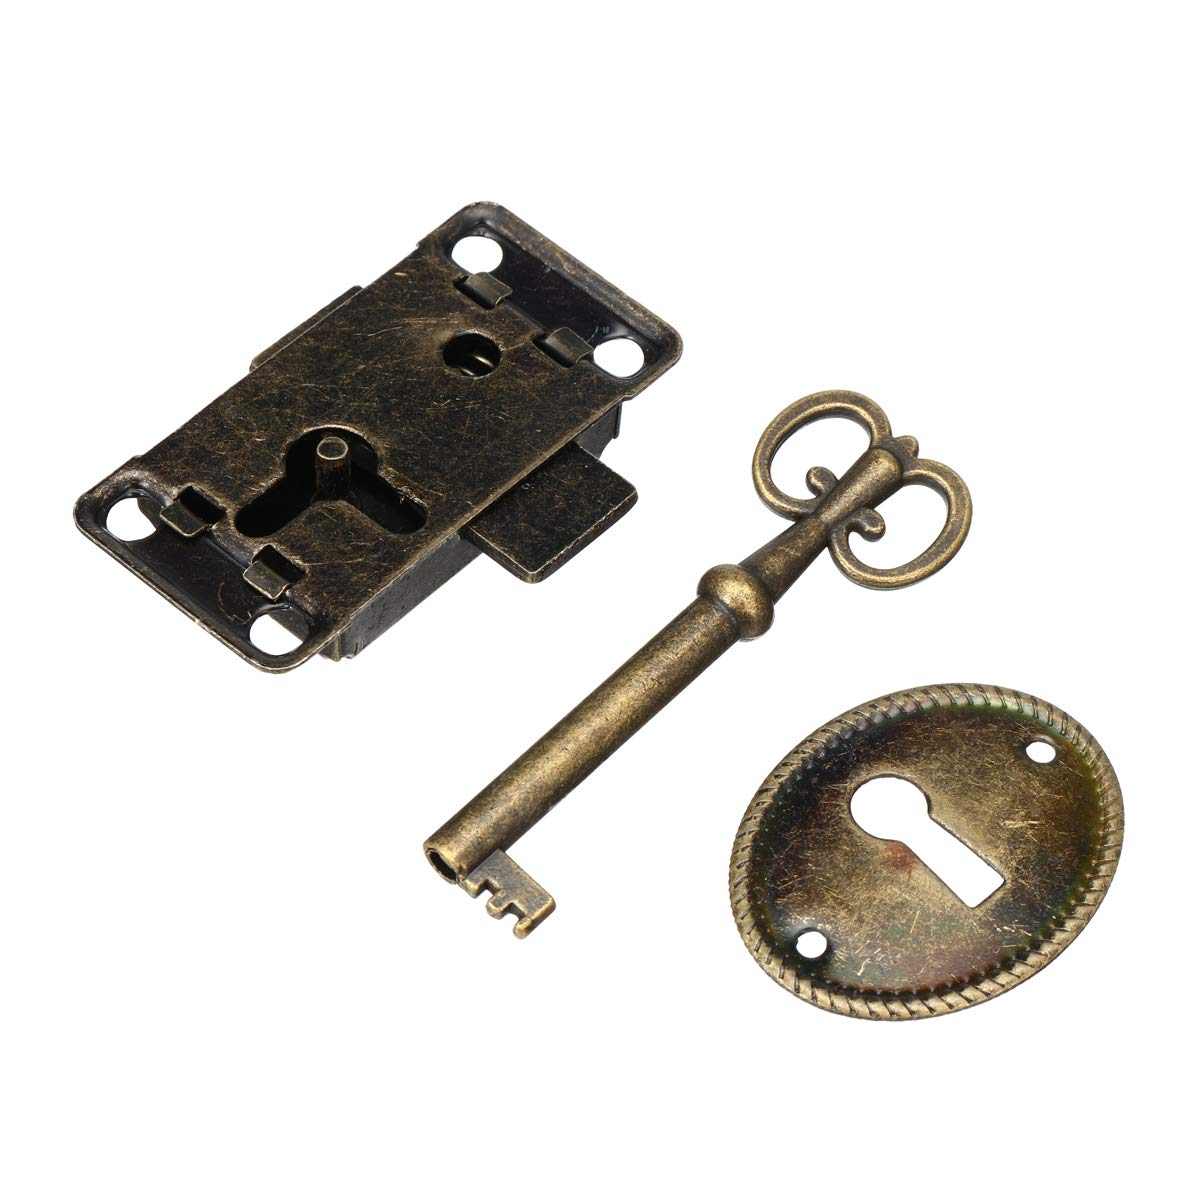 TuToy Armadietto Porta Serratura Set Chiave Gioielli Antichi Trucco Caso Mobili Porta Cassetto Serratura